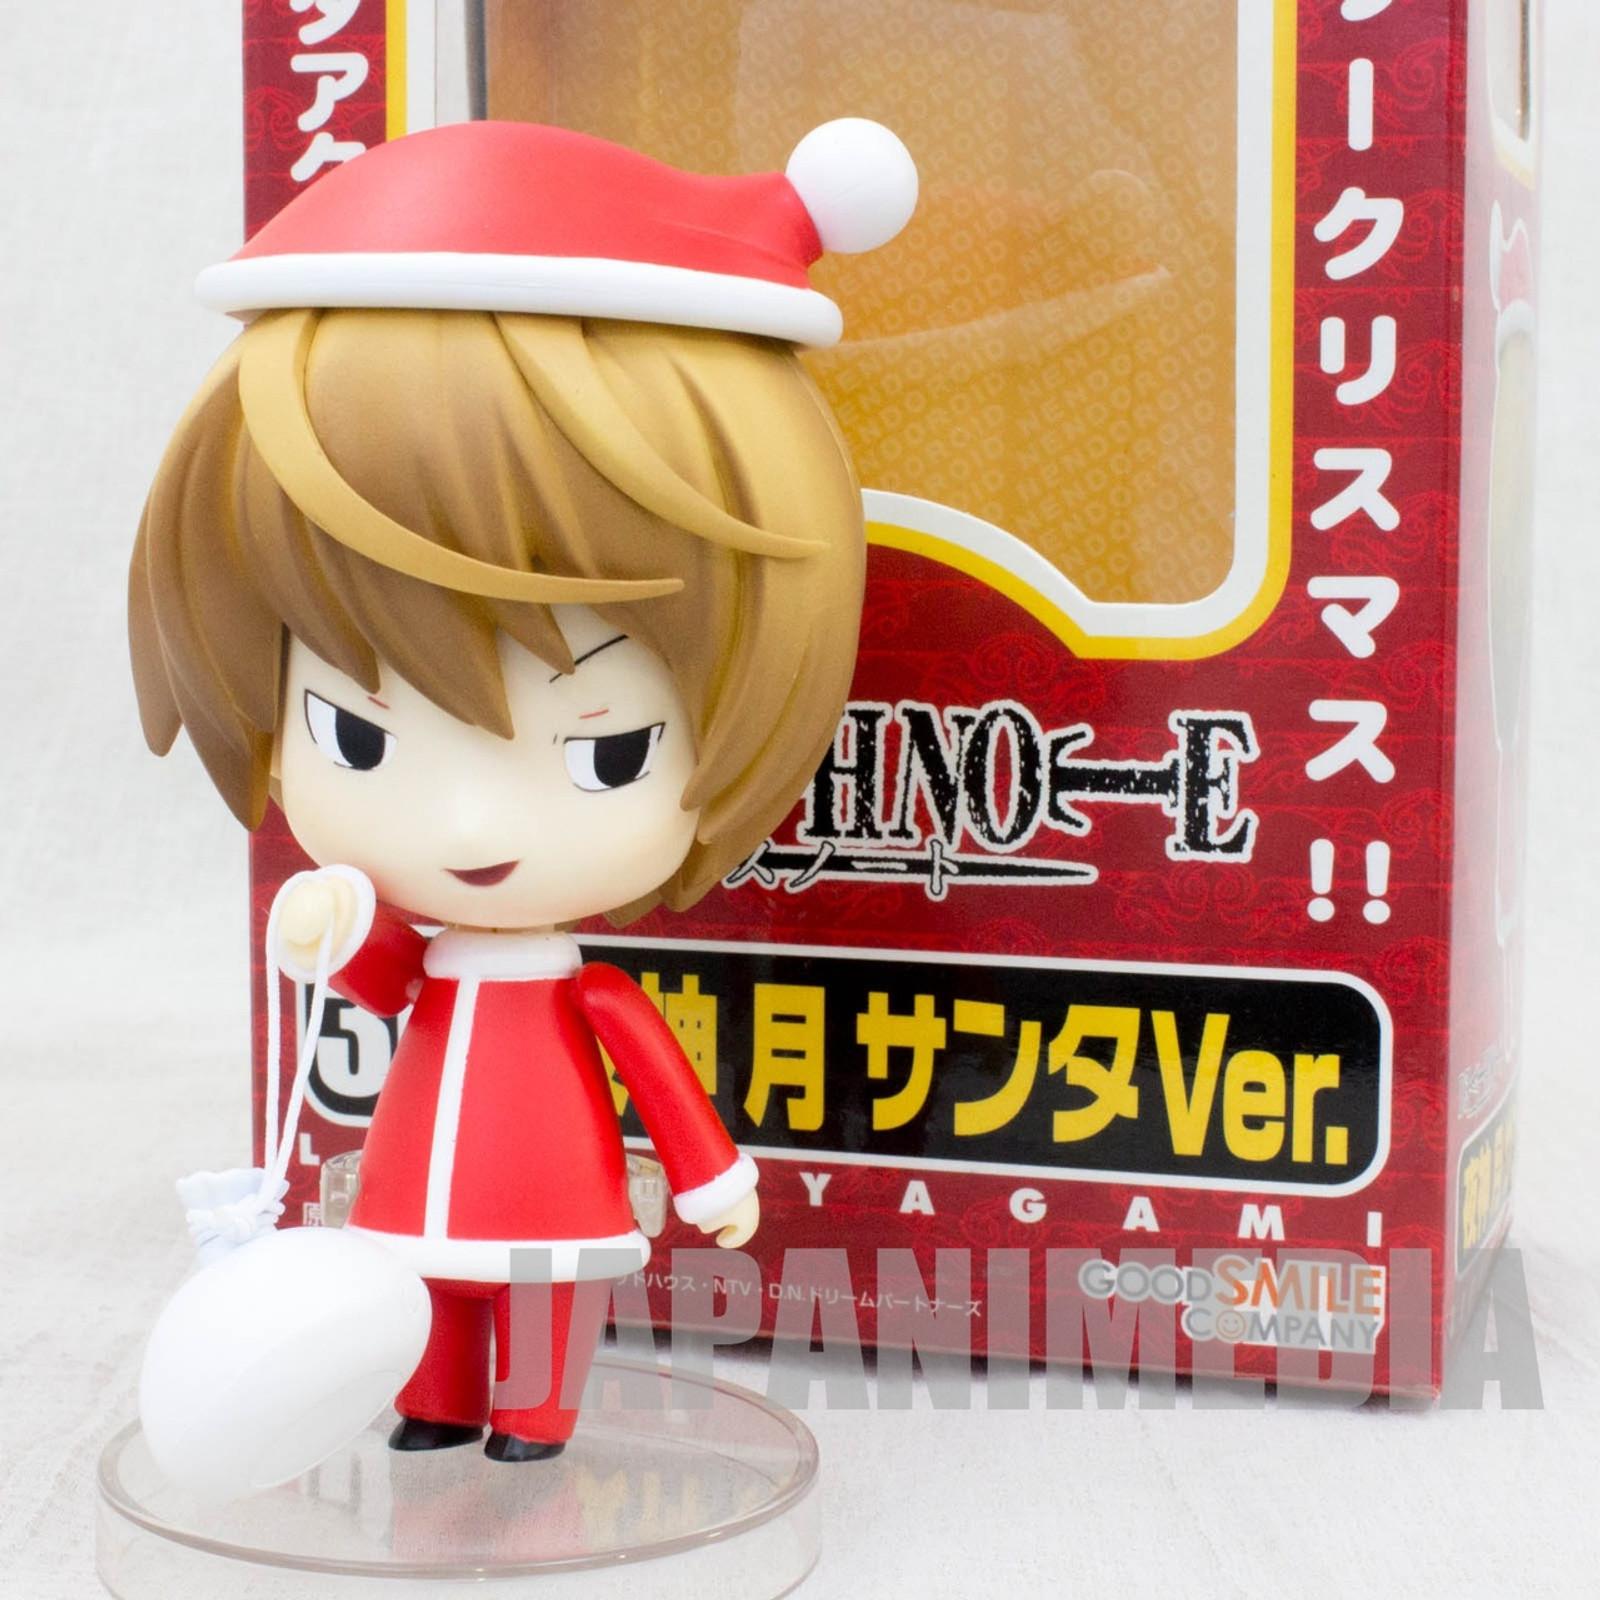 Death Note Tagami Light Figure Santa Cosplay Nendroid JAPAN ANIME JUMP